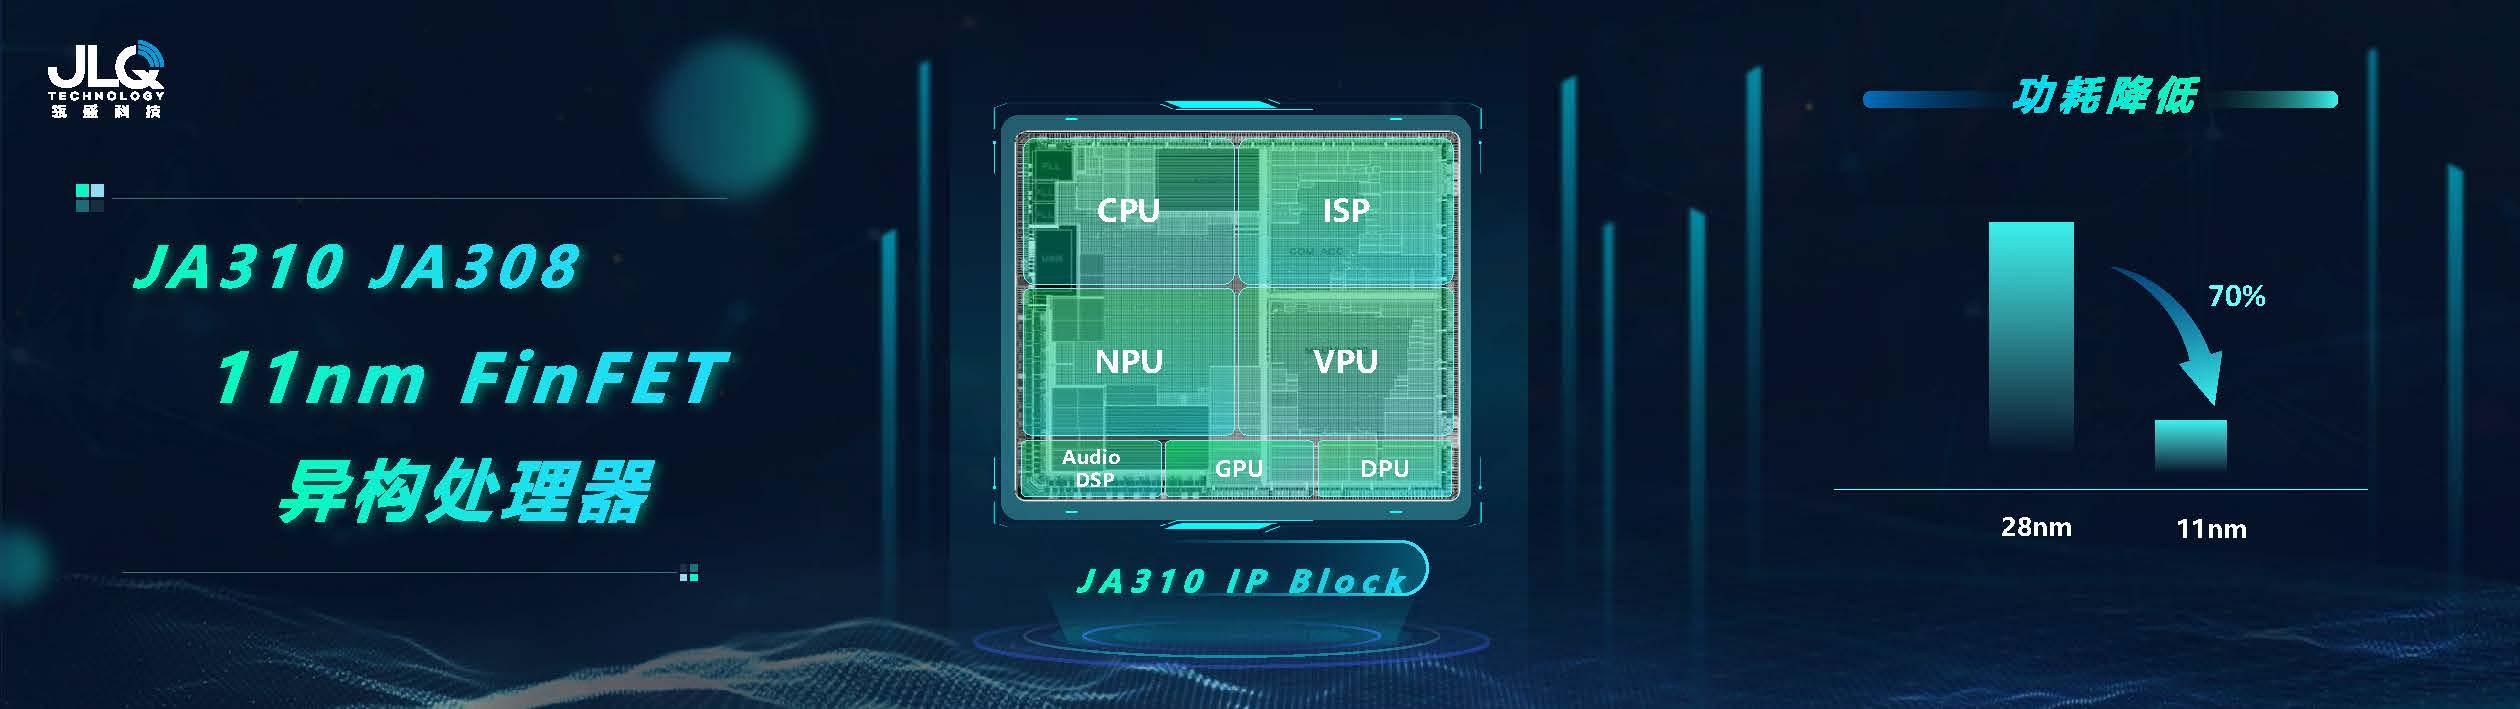 瓴盛科技JA310发布会+Final 2.0(1)_页面_05.jpg